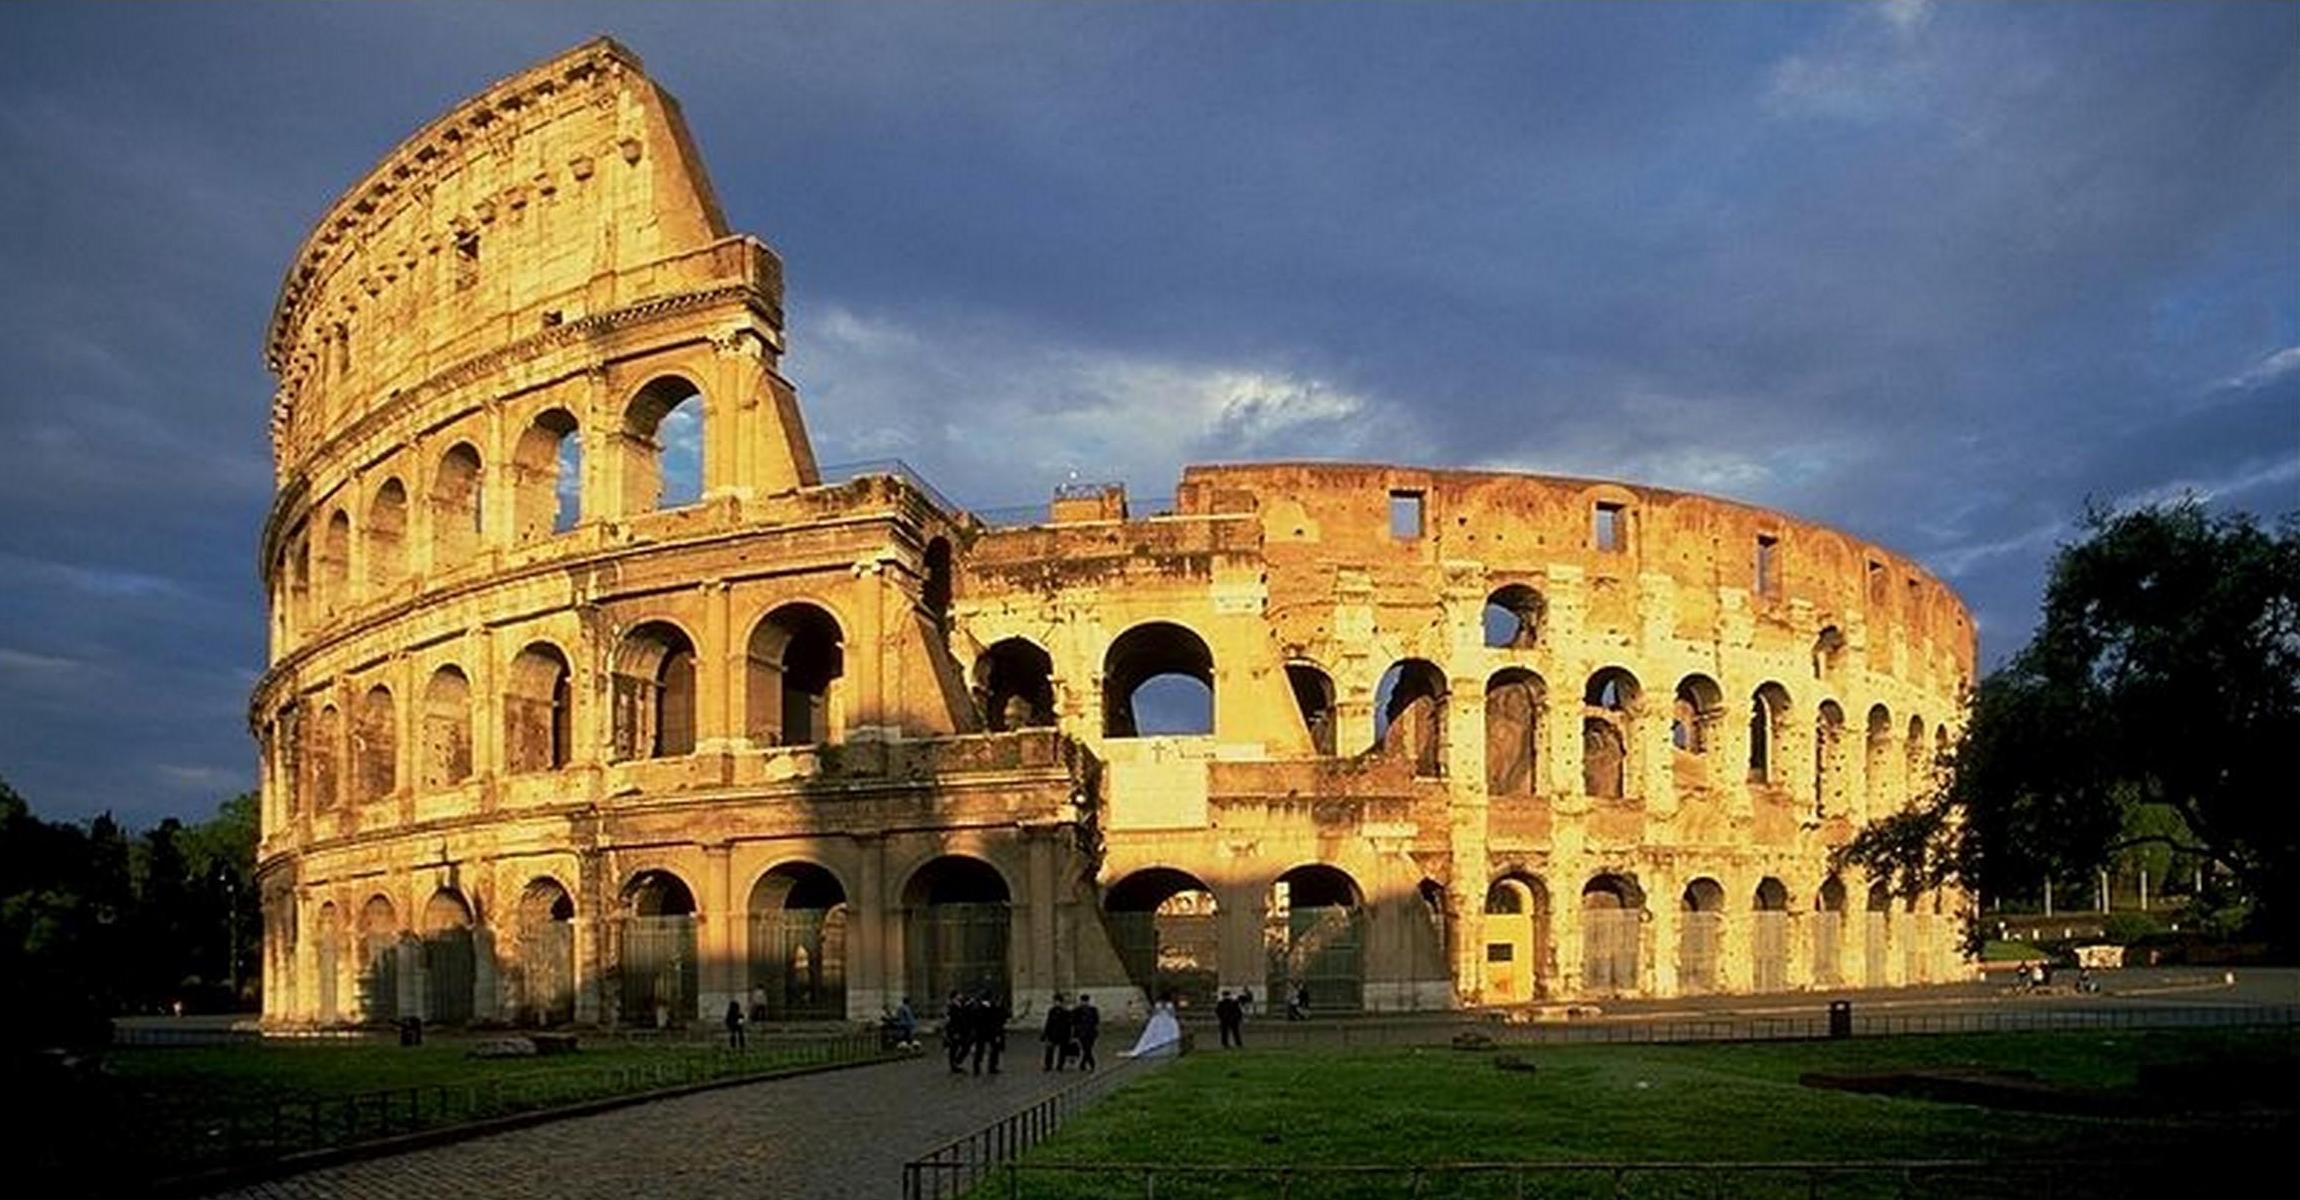 Imperium Romanum Free Download for PC FullGamesforPC M - Kalypso Shop